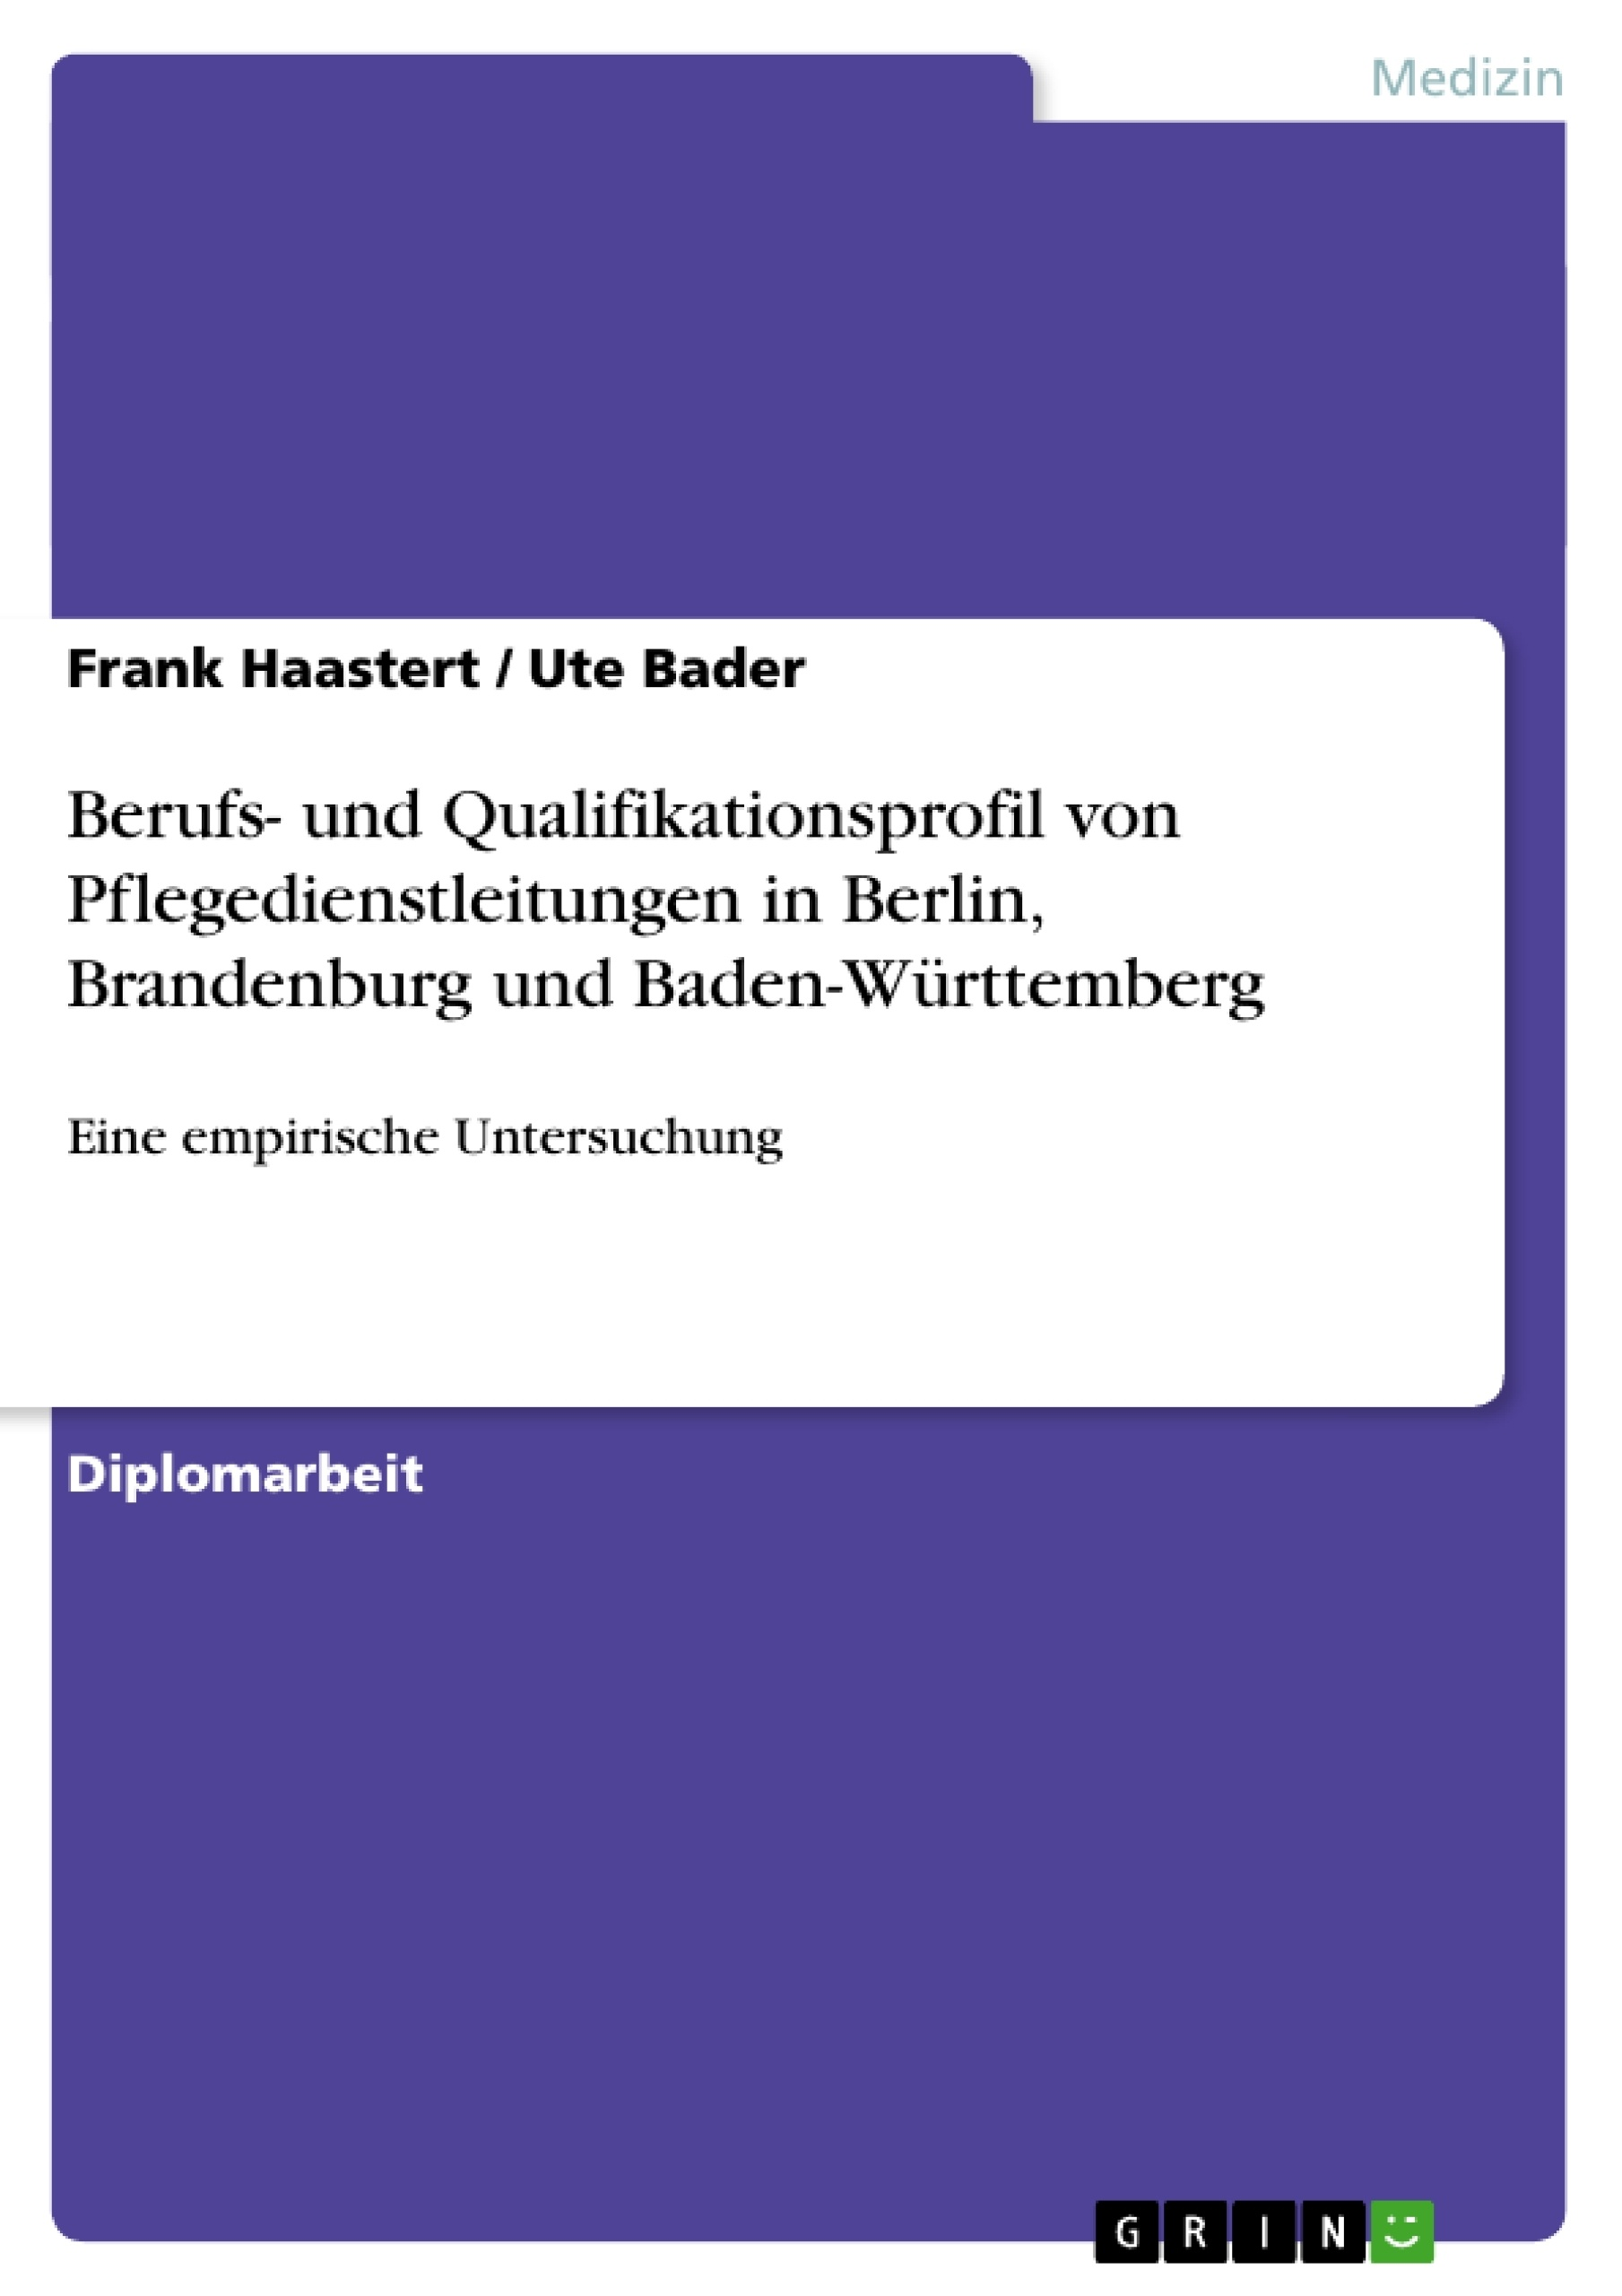 Titel: Berufs- und Qualifikationsprofil von Pflegedienstleitungen in Berlin, Brandenburg und Baden-Württemberg